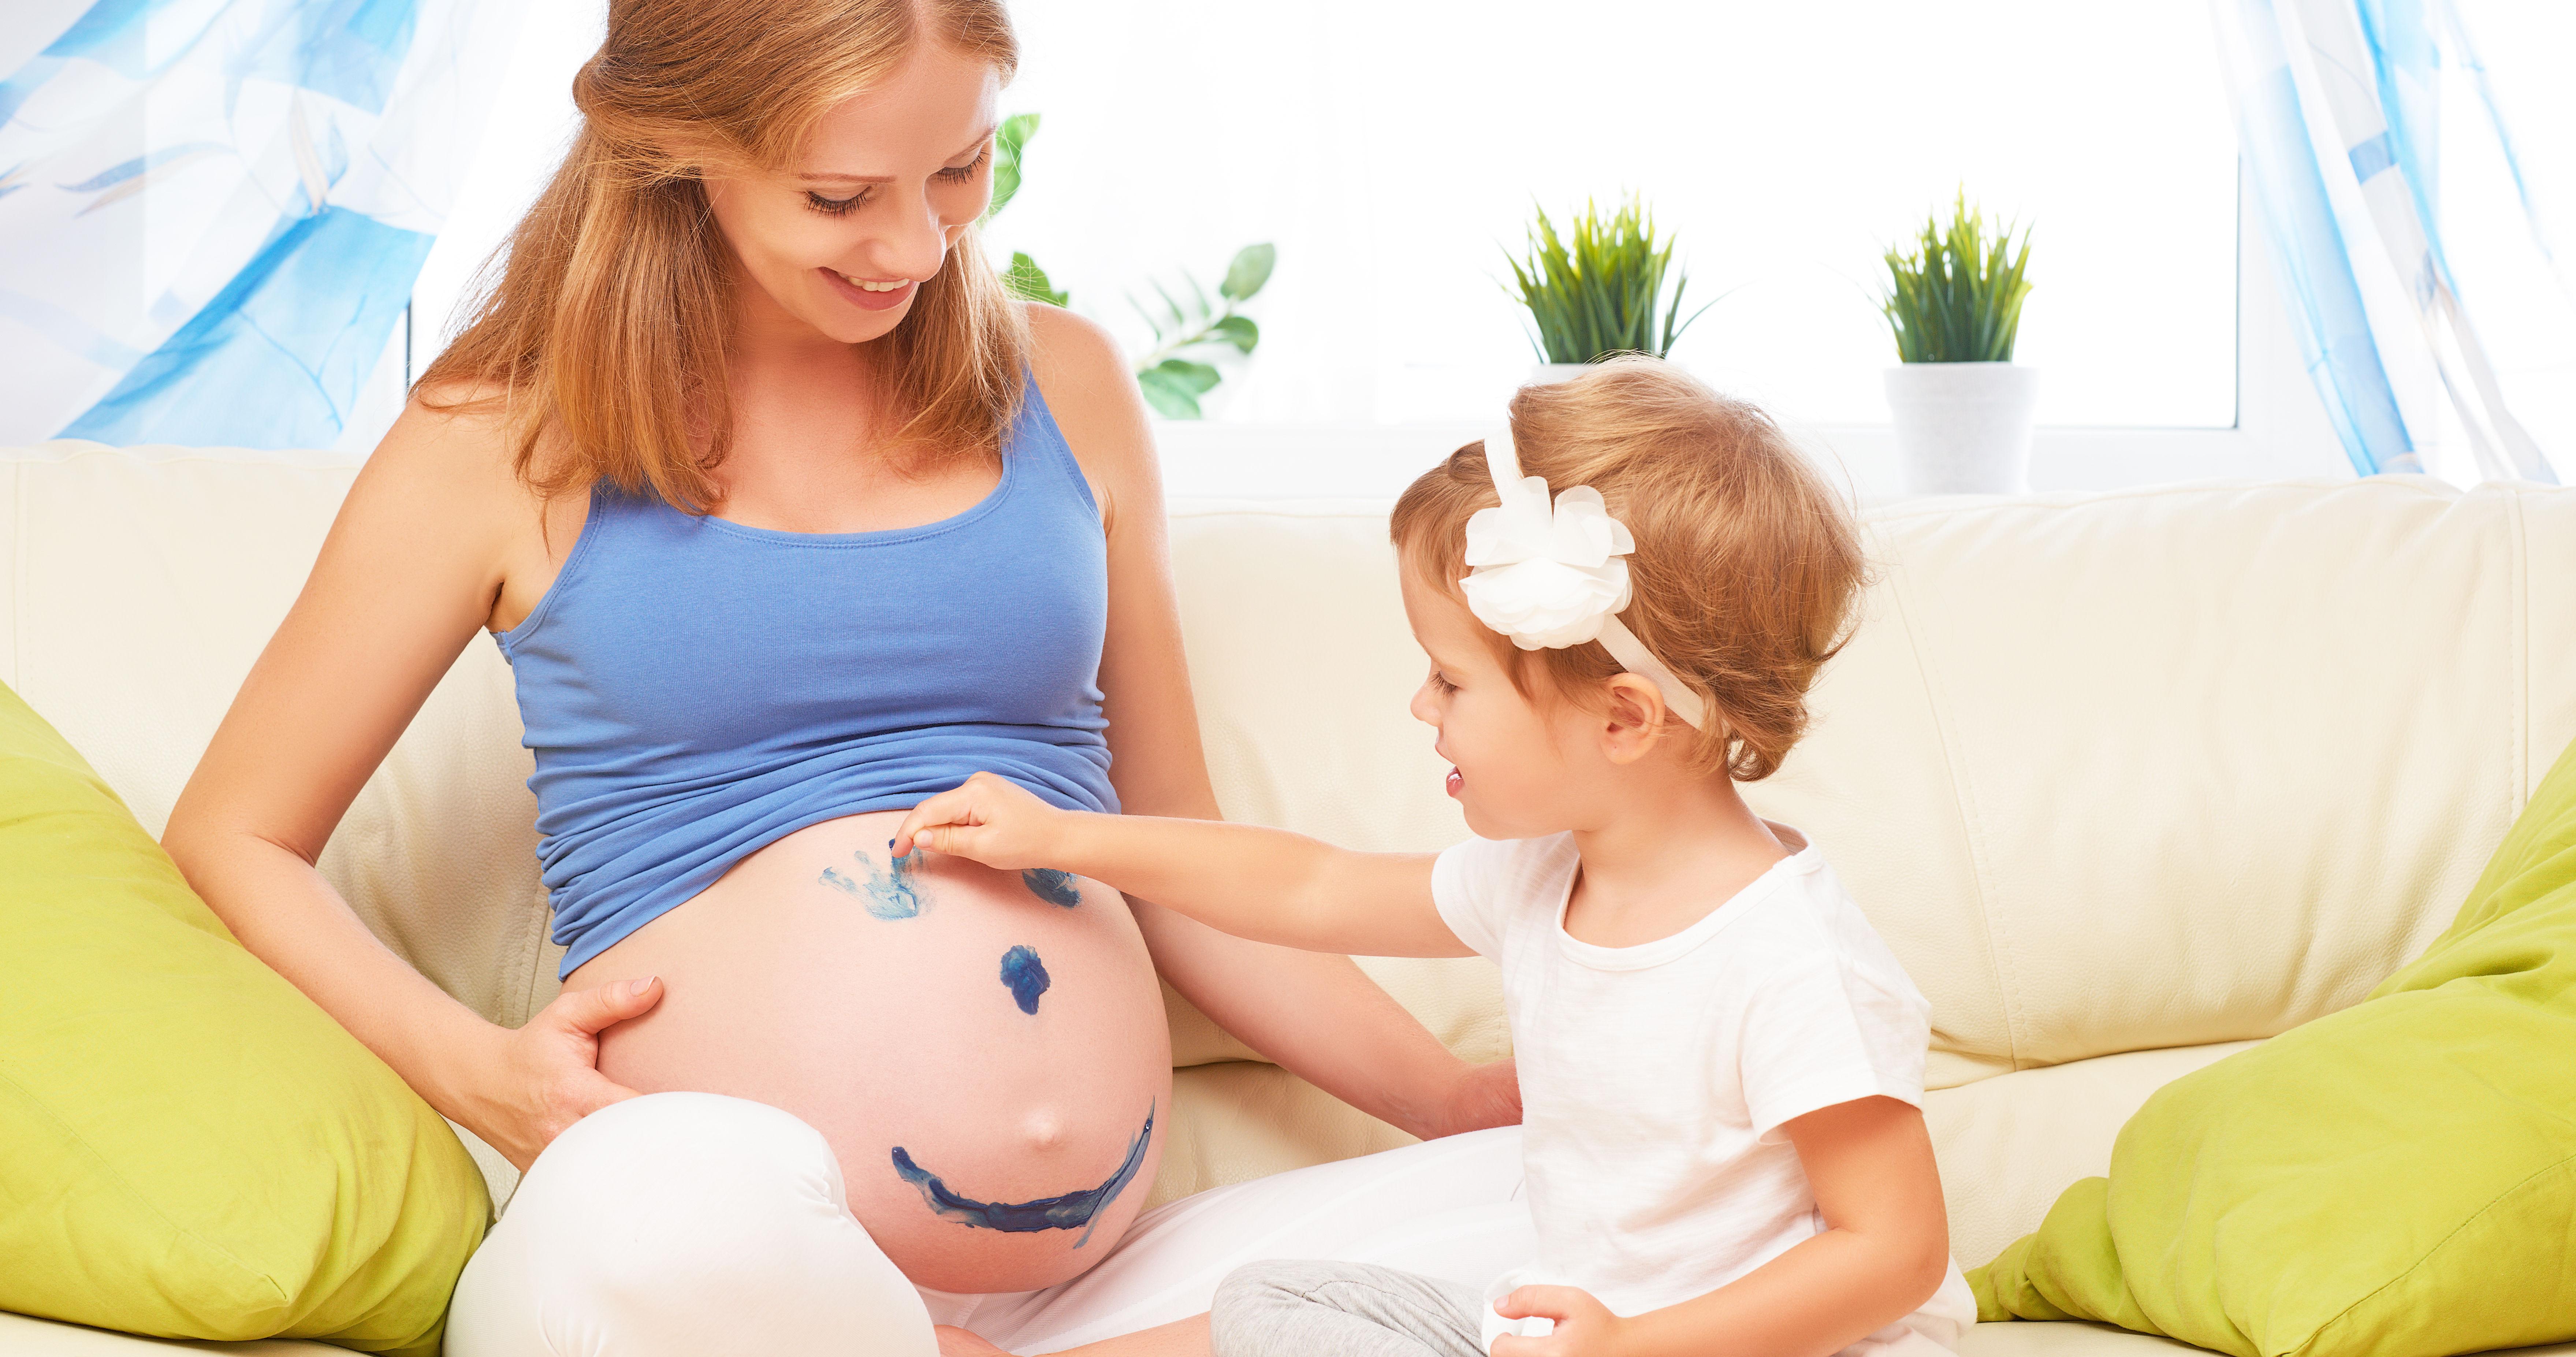 Беременная с двумя детьми фото